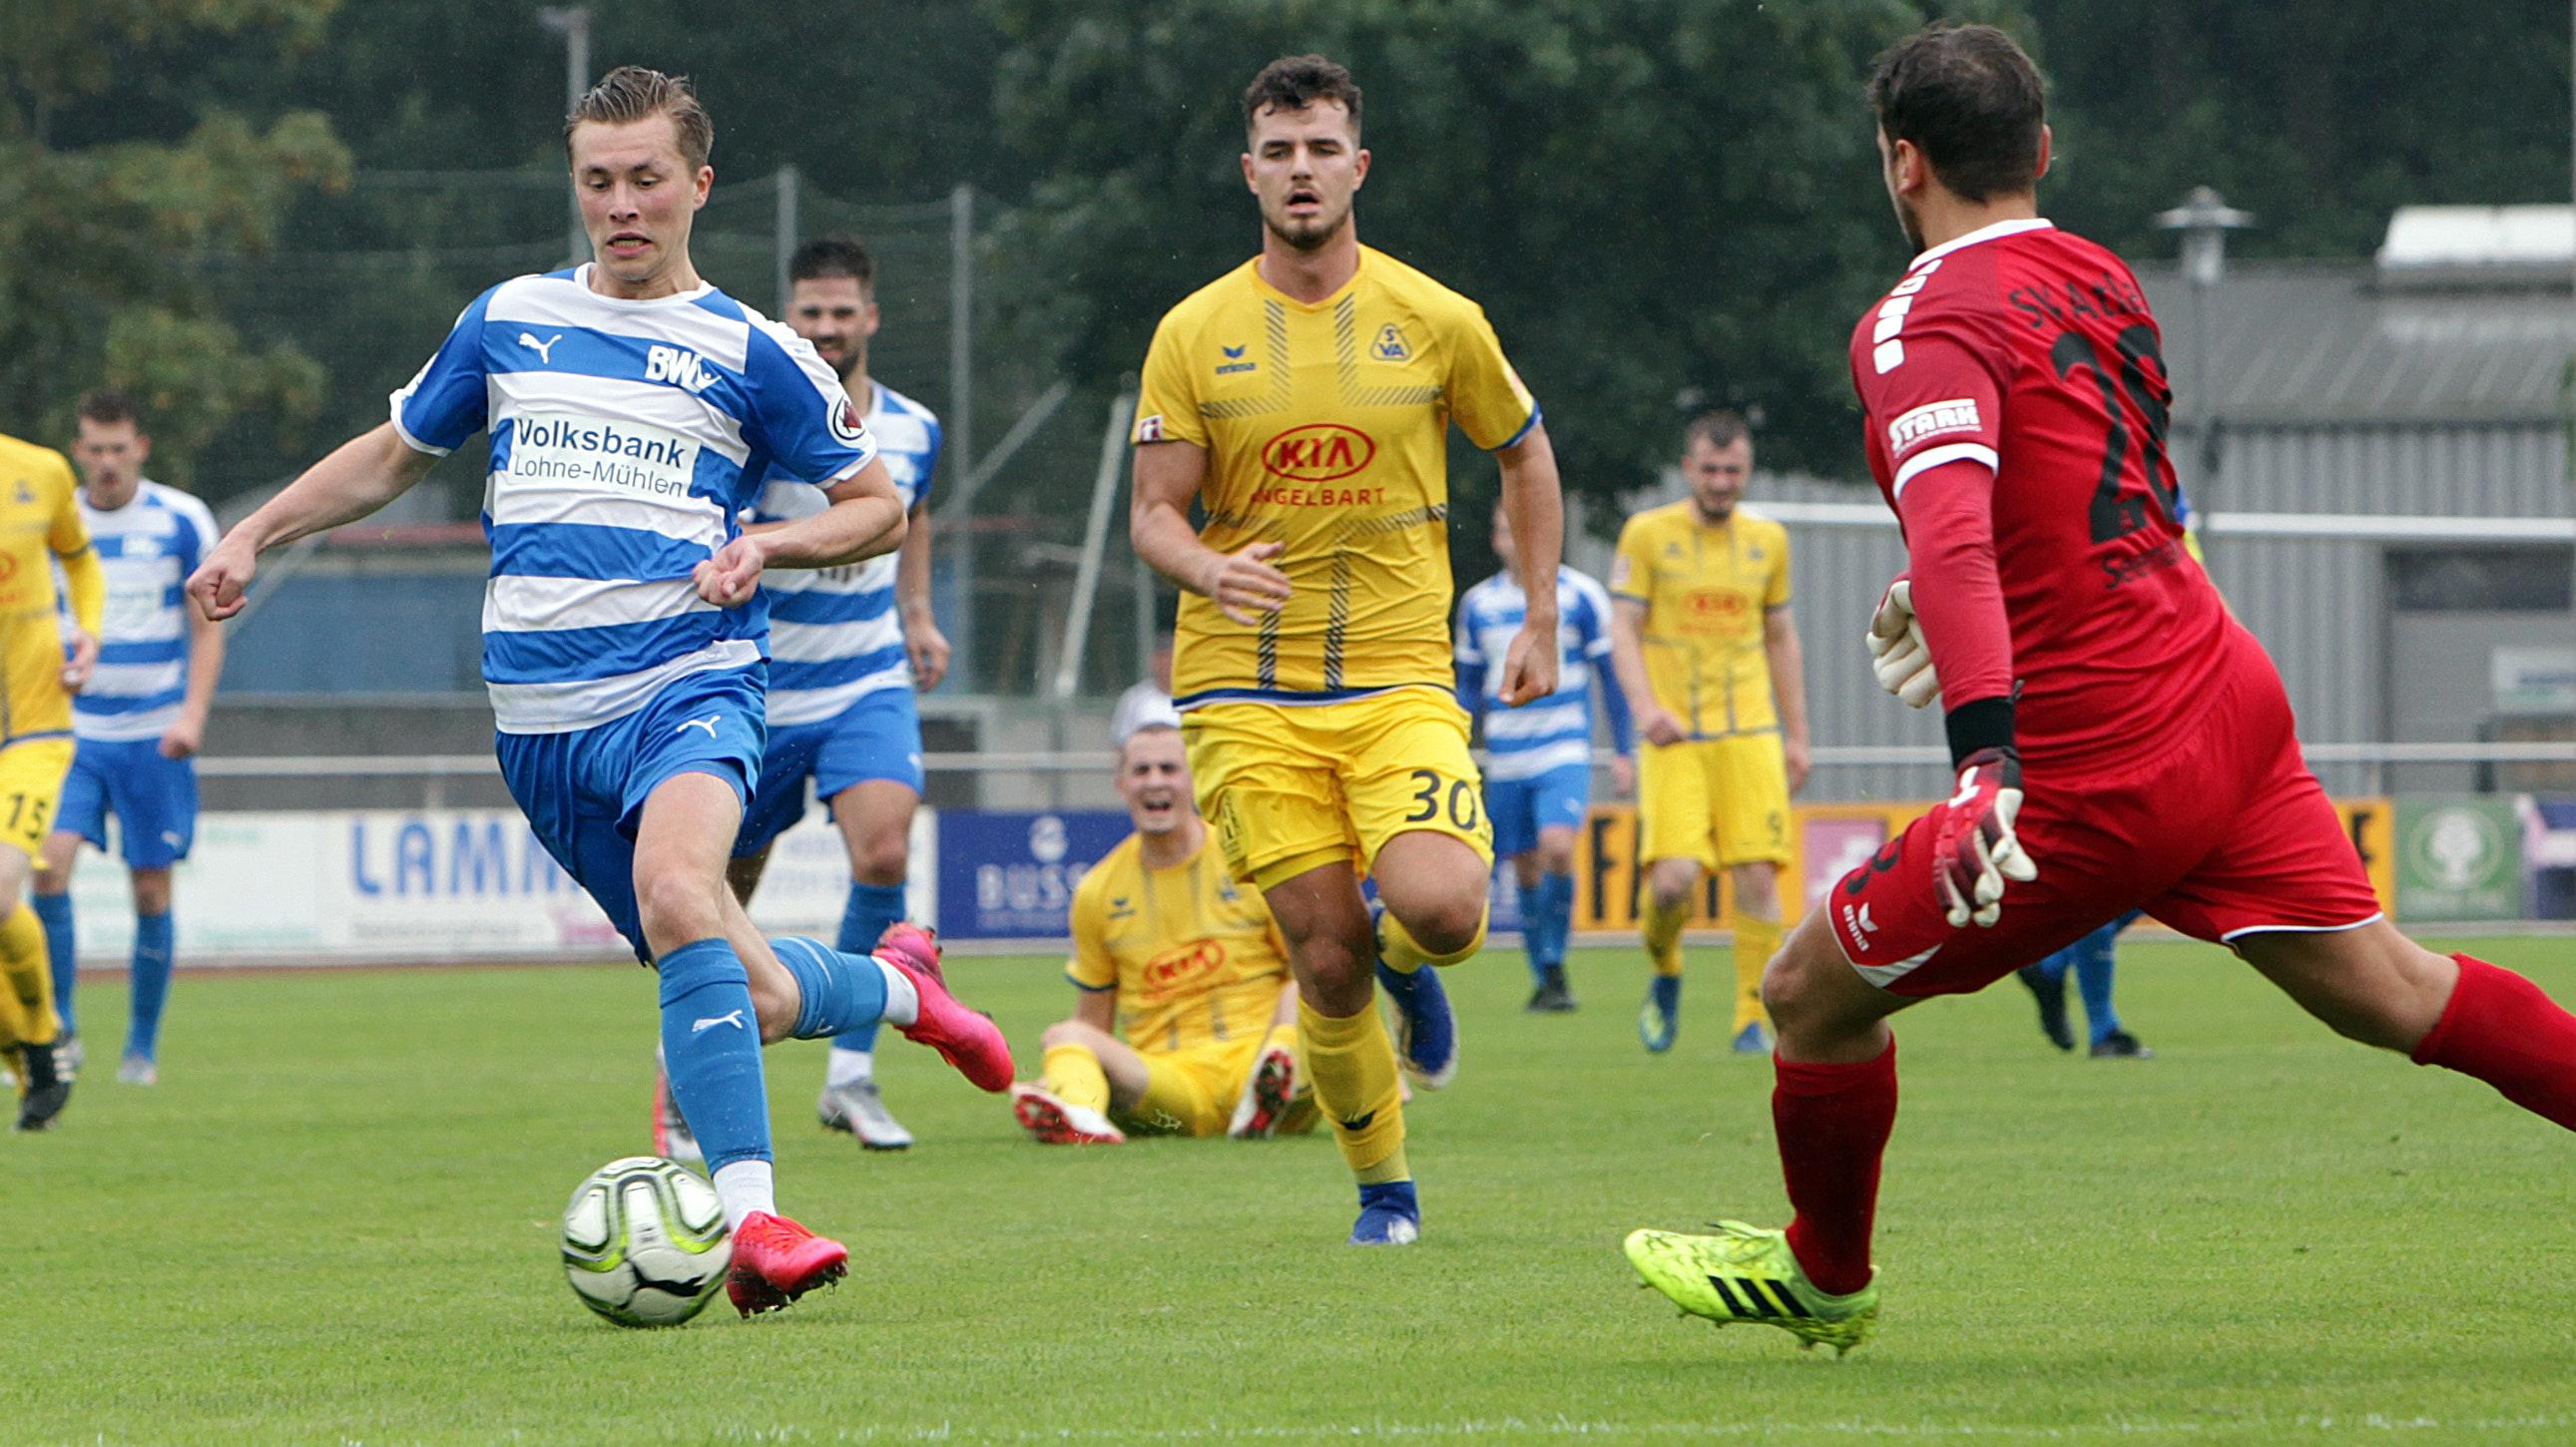 Im Angriff gut unterwegs: Lohnes Torschütze Lennard Prüne (am Ball) entwischt der Atlas-Abwehr. Foto: Schikora